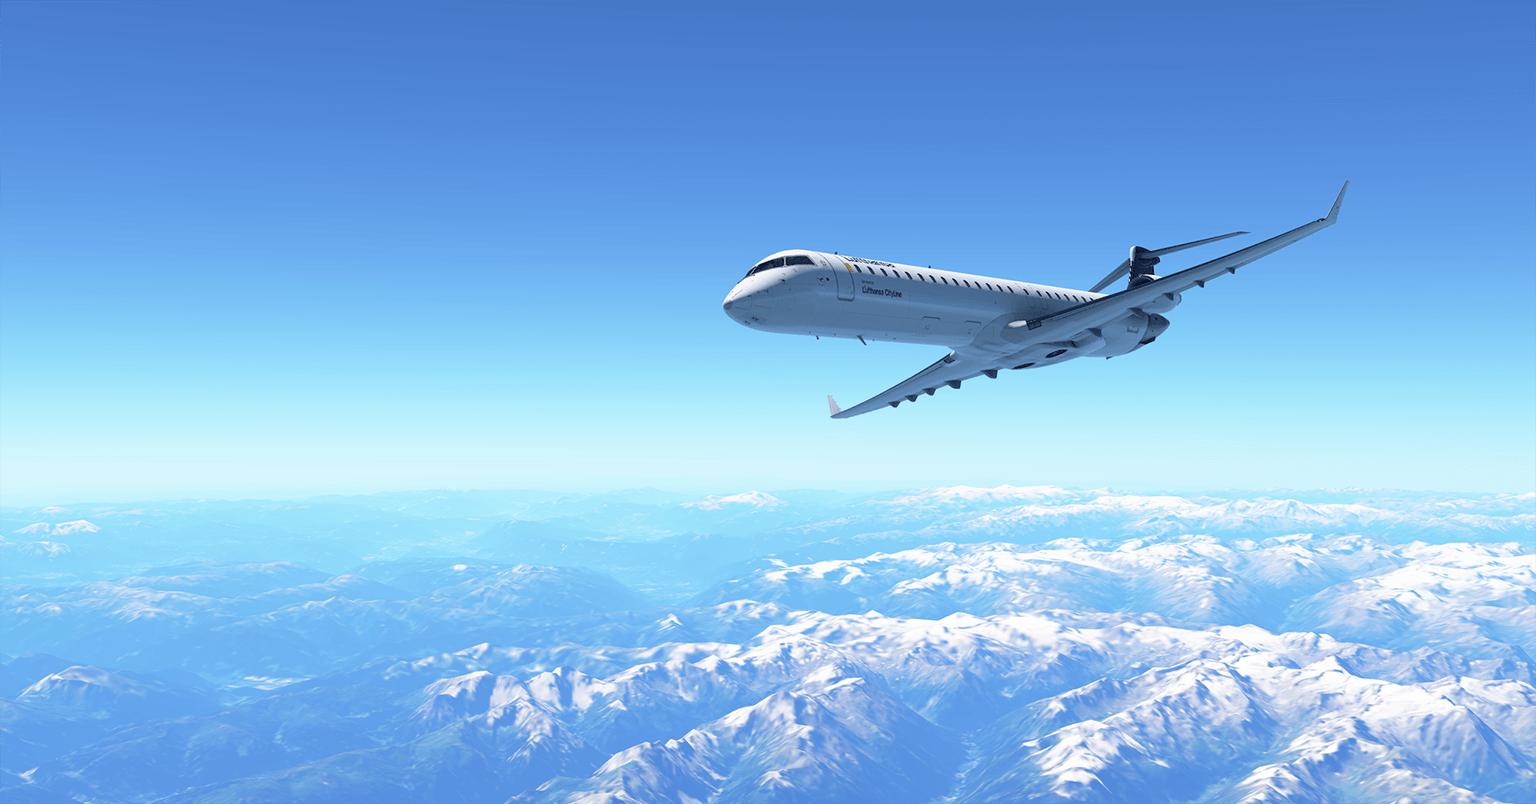 Infinite Flight 18.4 Release